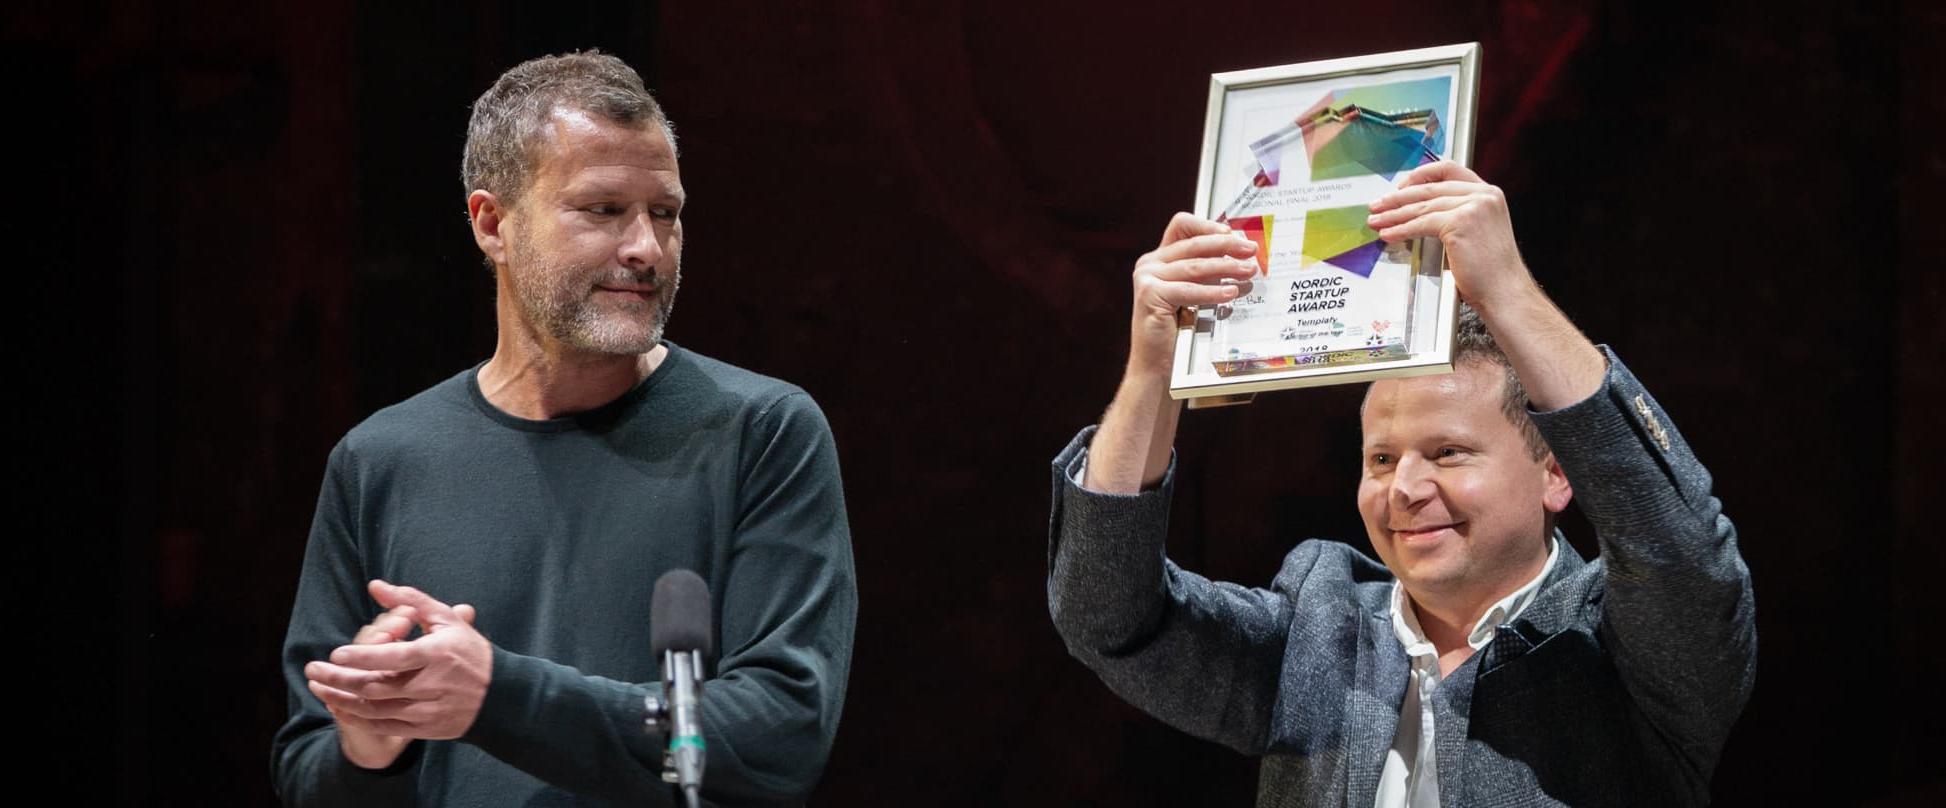 Nordic_Startup_Awards